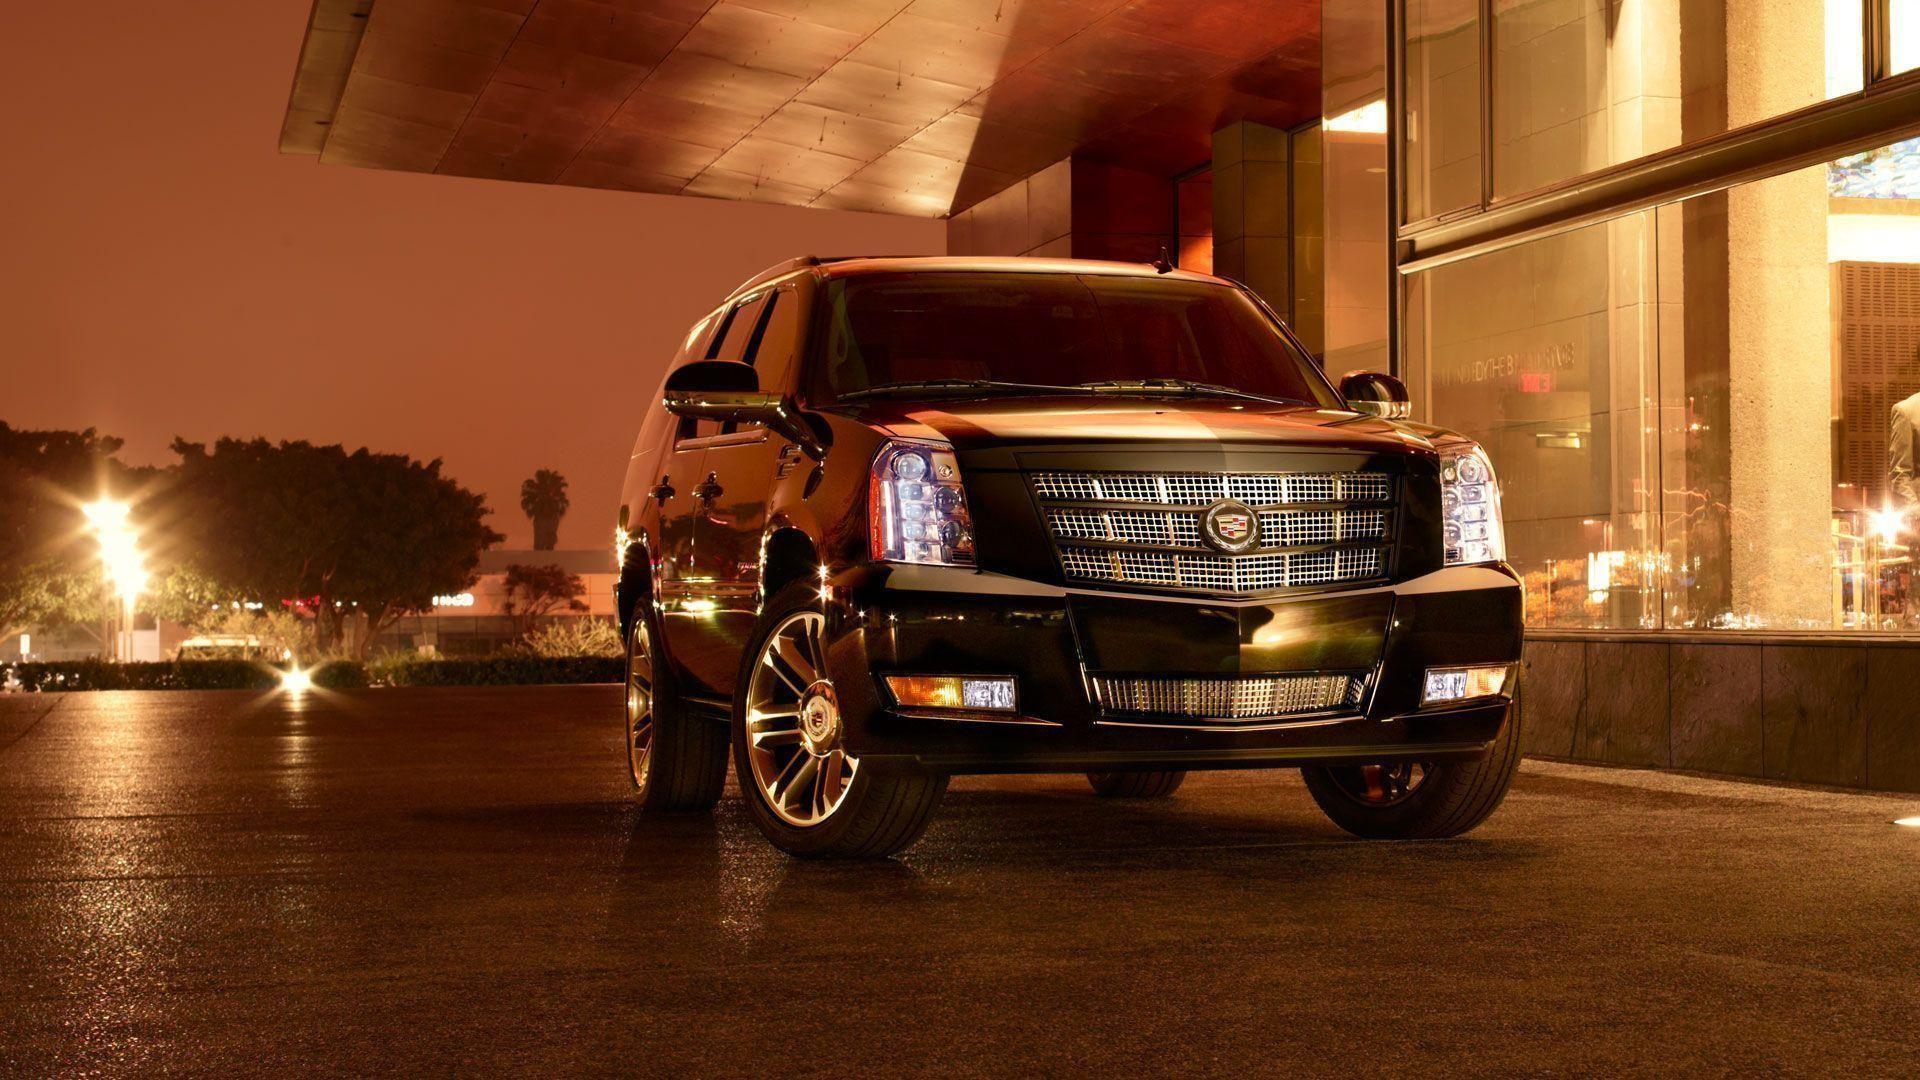 2012 Cadillac Escalade >> Escalade Wallpaper (65+ images)